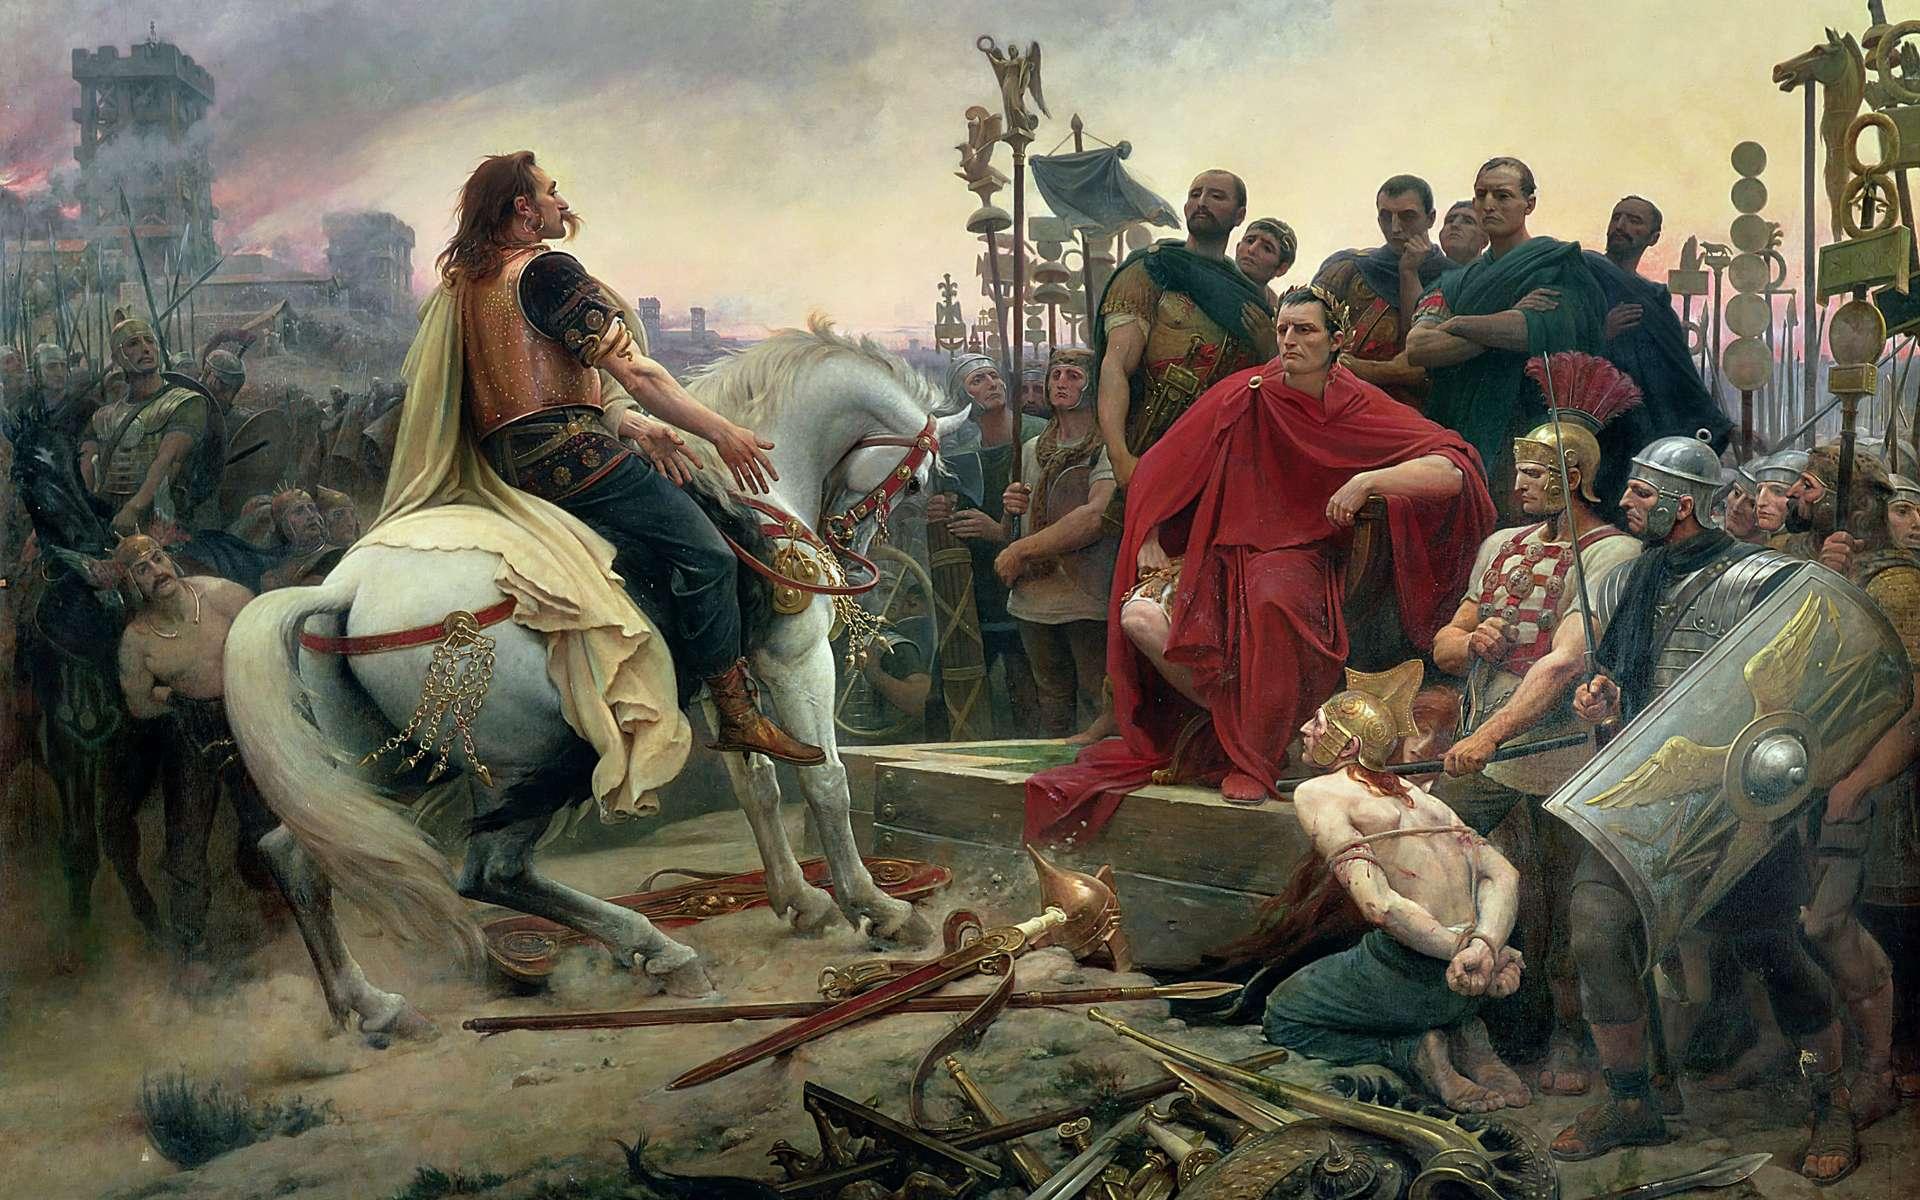 Pourquoi Vercingétorix a-t-il perdu la bataille d'Alésia ? Ici, Vercingétorix jette ses armes aux pieds de César, un tableau de Lionel Royer achevé en 1899. © Musée Crozatier du Puy-en-Velay, DP